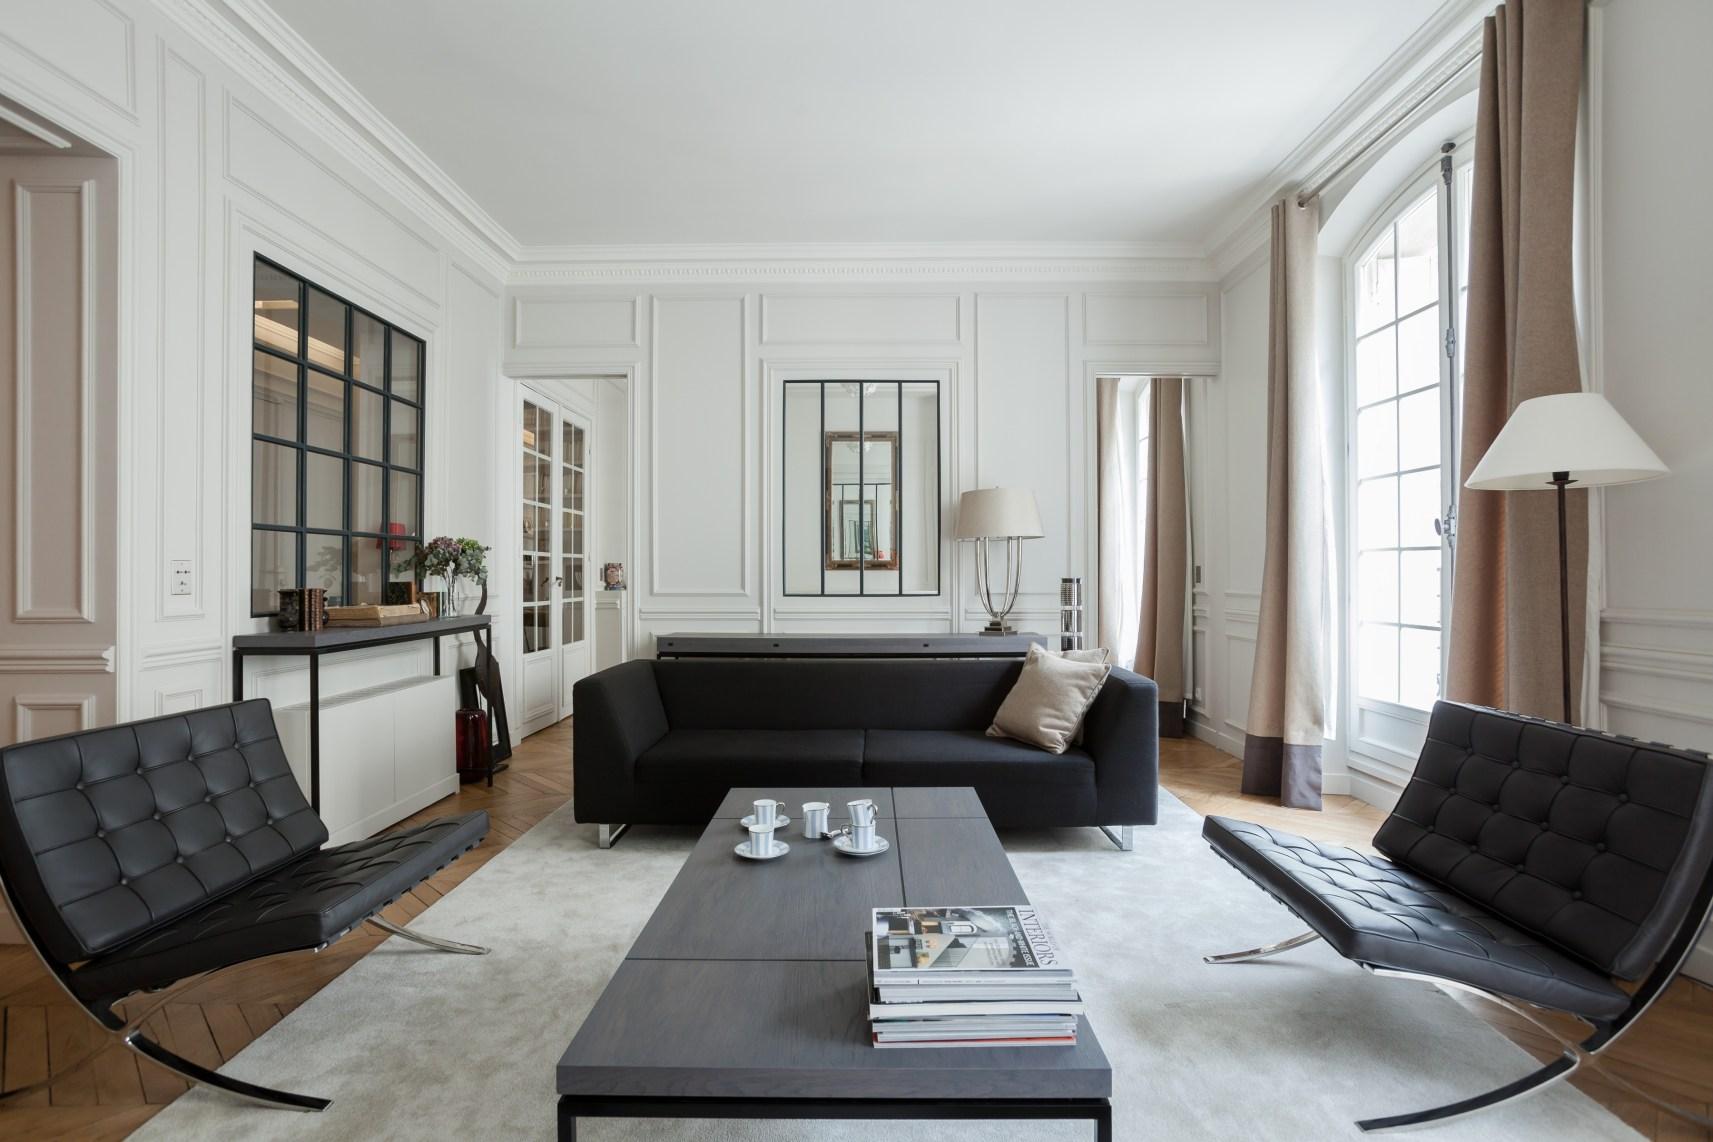 гостиная диваны молдинги панорамные окна